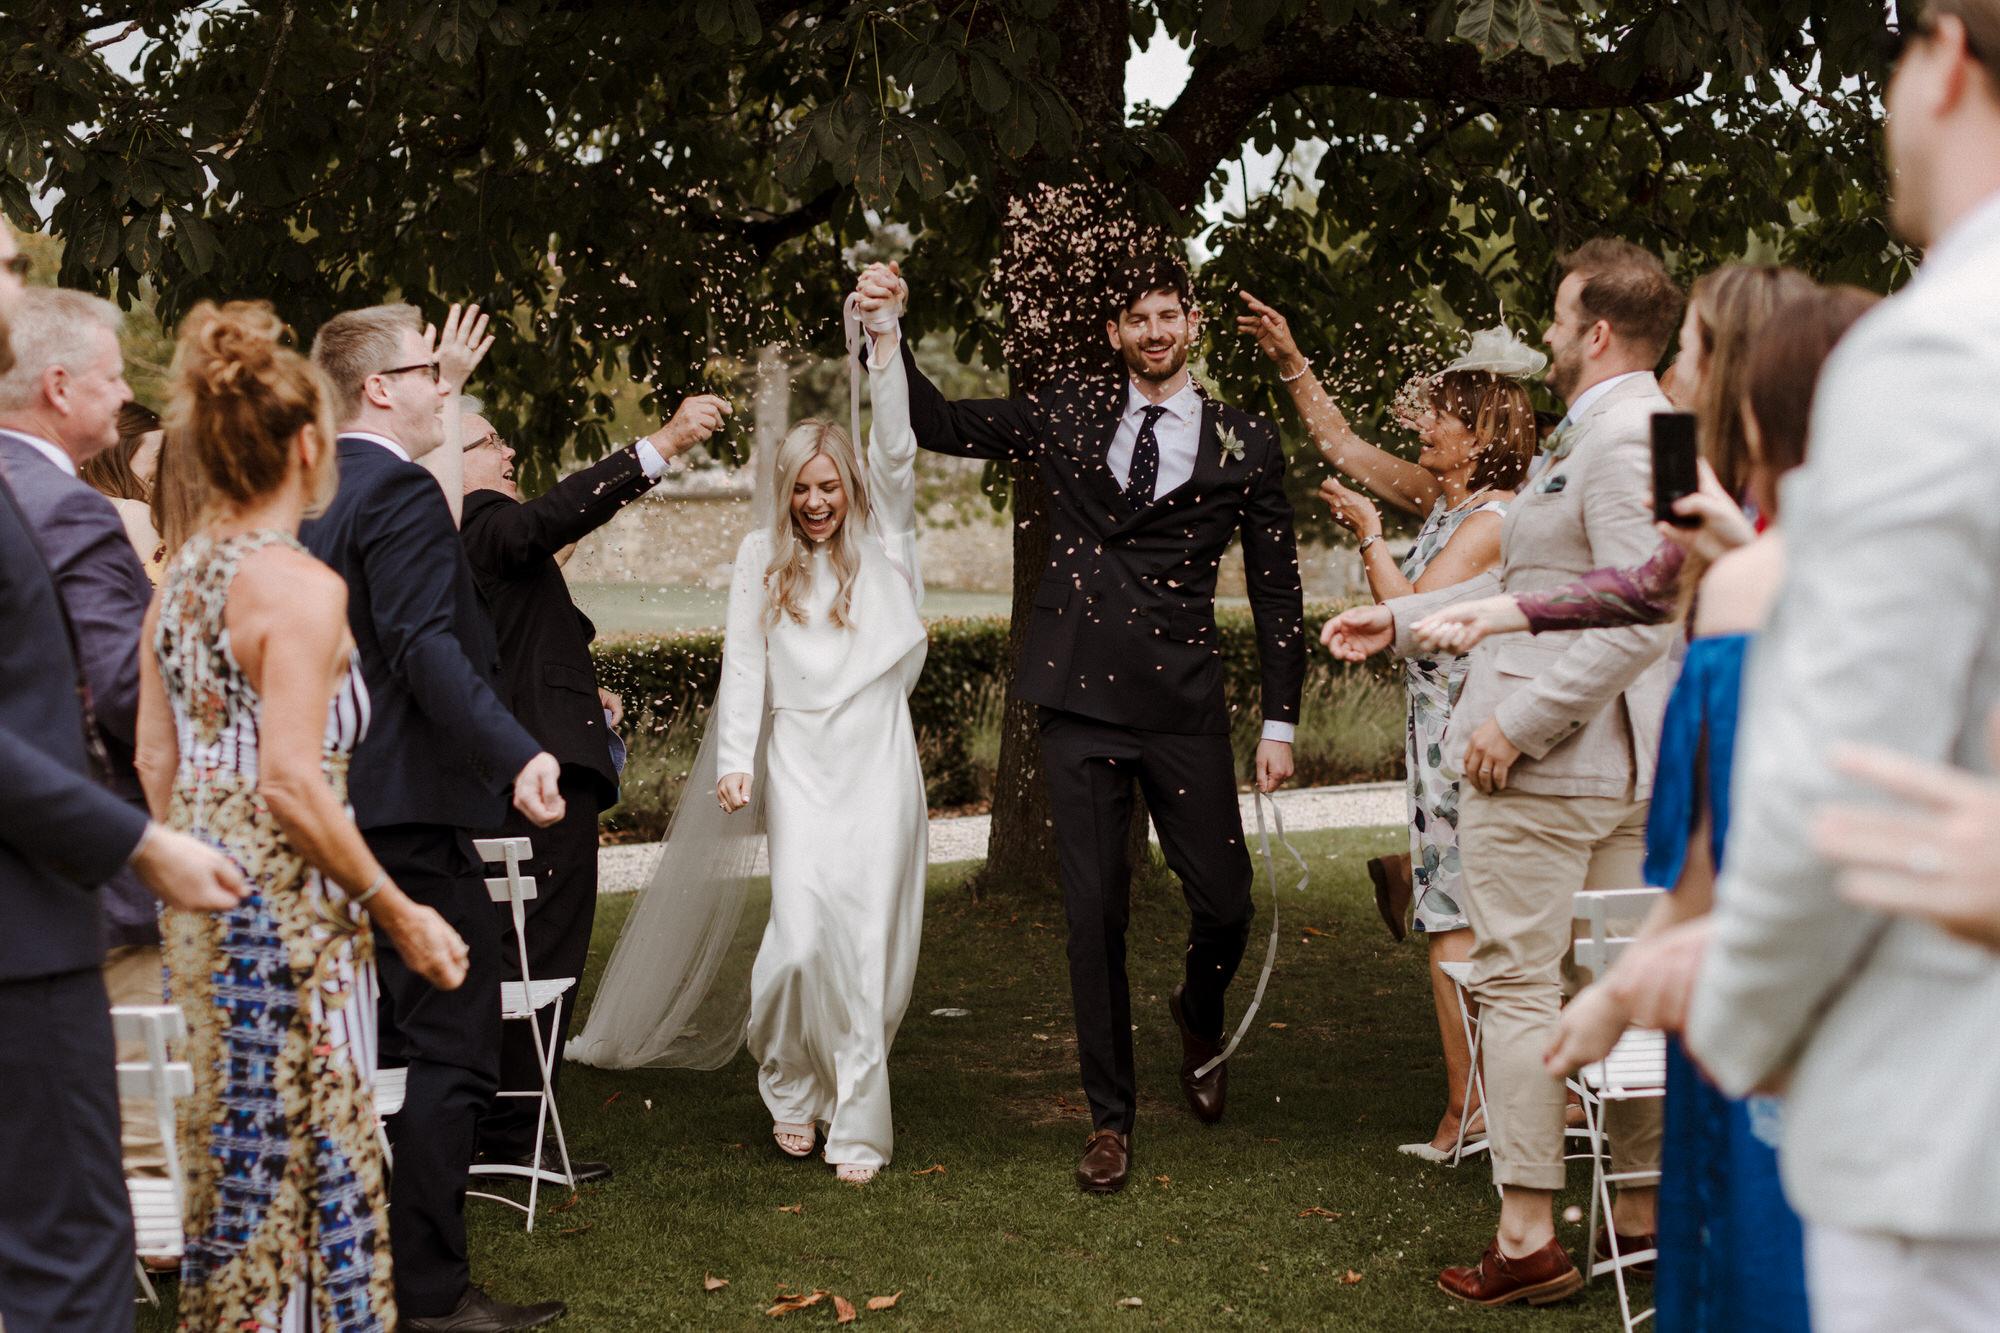 Chateau Rigaud Wedding Photography 15-20-45-1Q5A1734-R+L.jpg